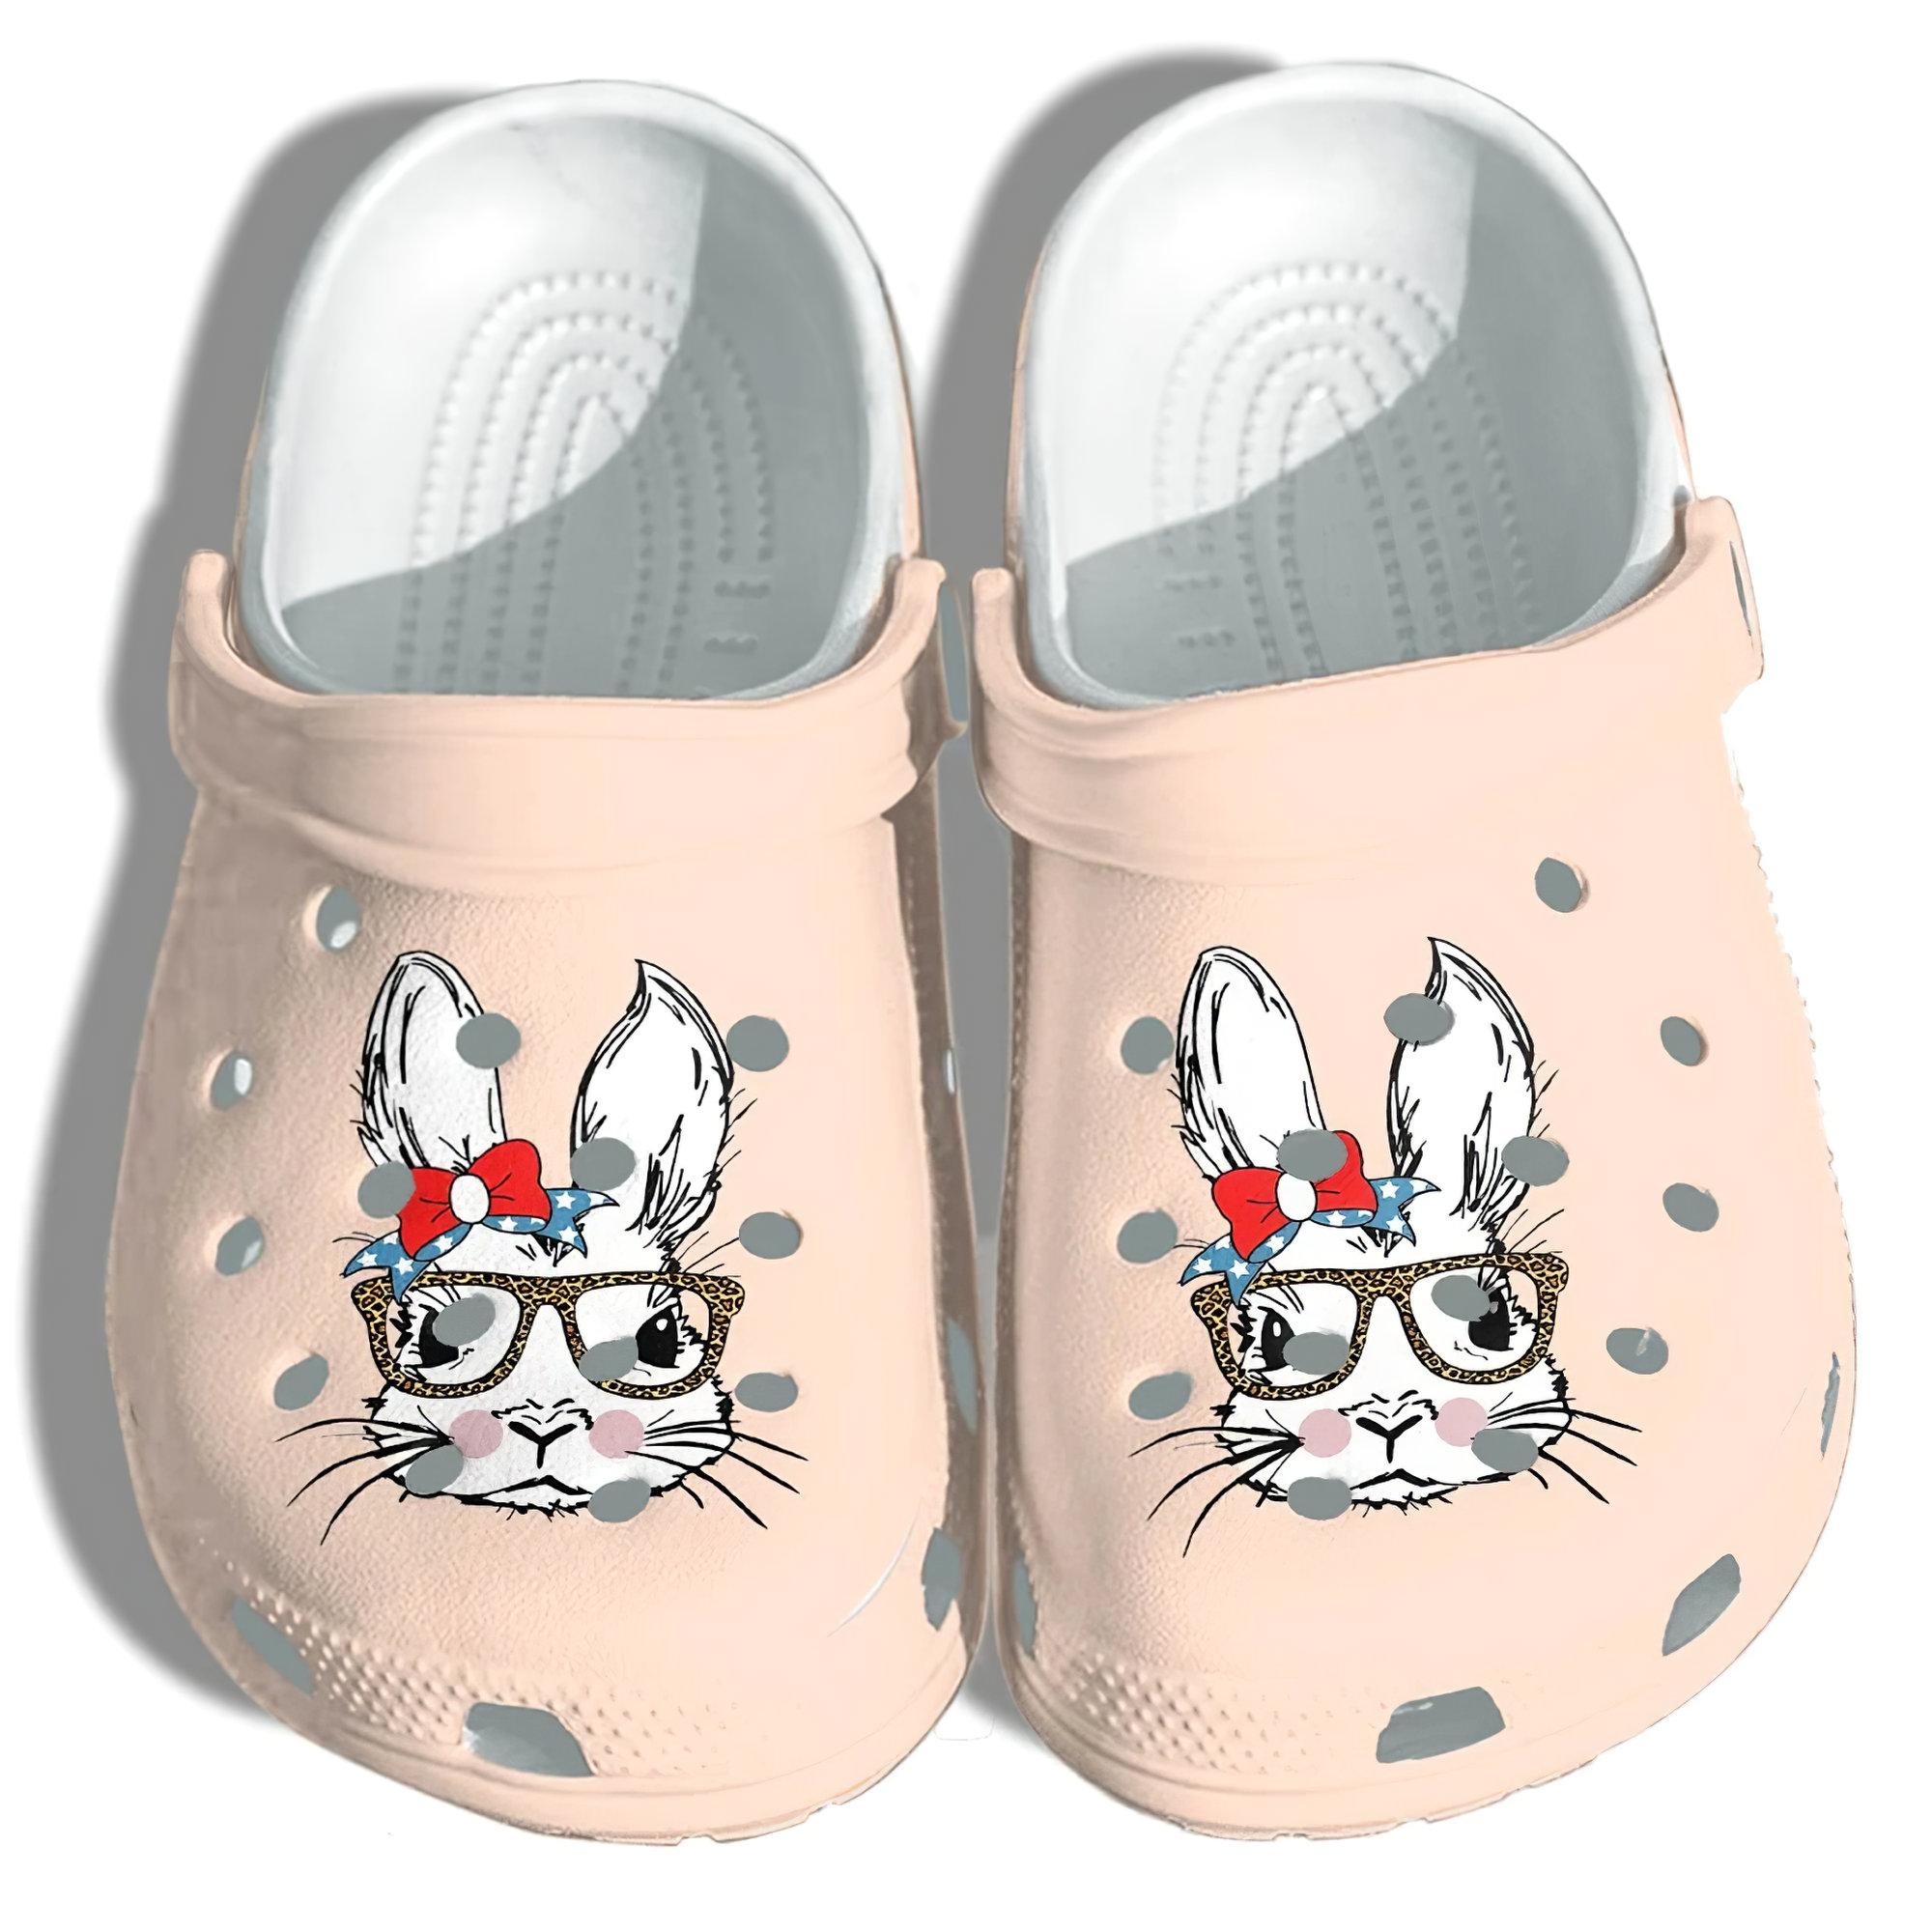 Rabbit Bunny Crocs Clog Shoes